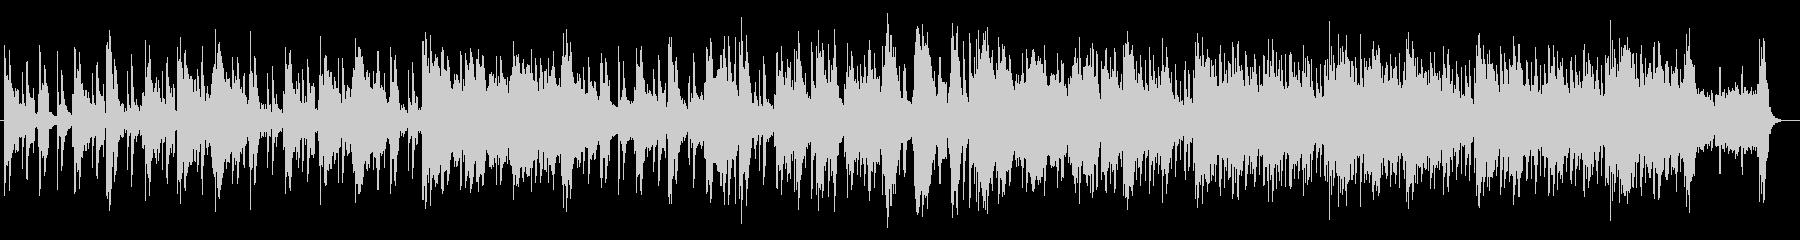 美しく奇麗なシンセサイザーサウンドの未再生の波形